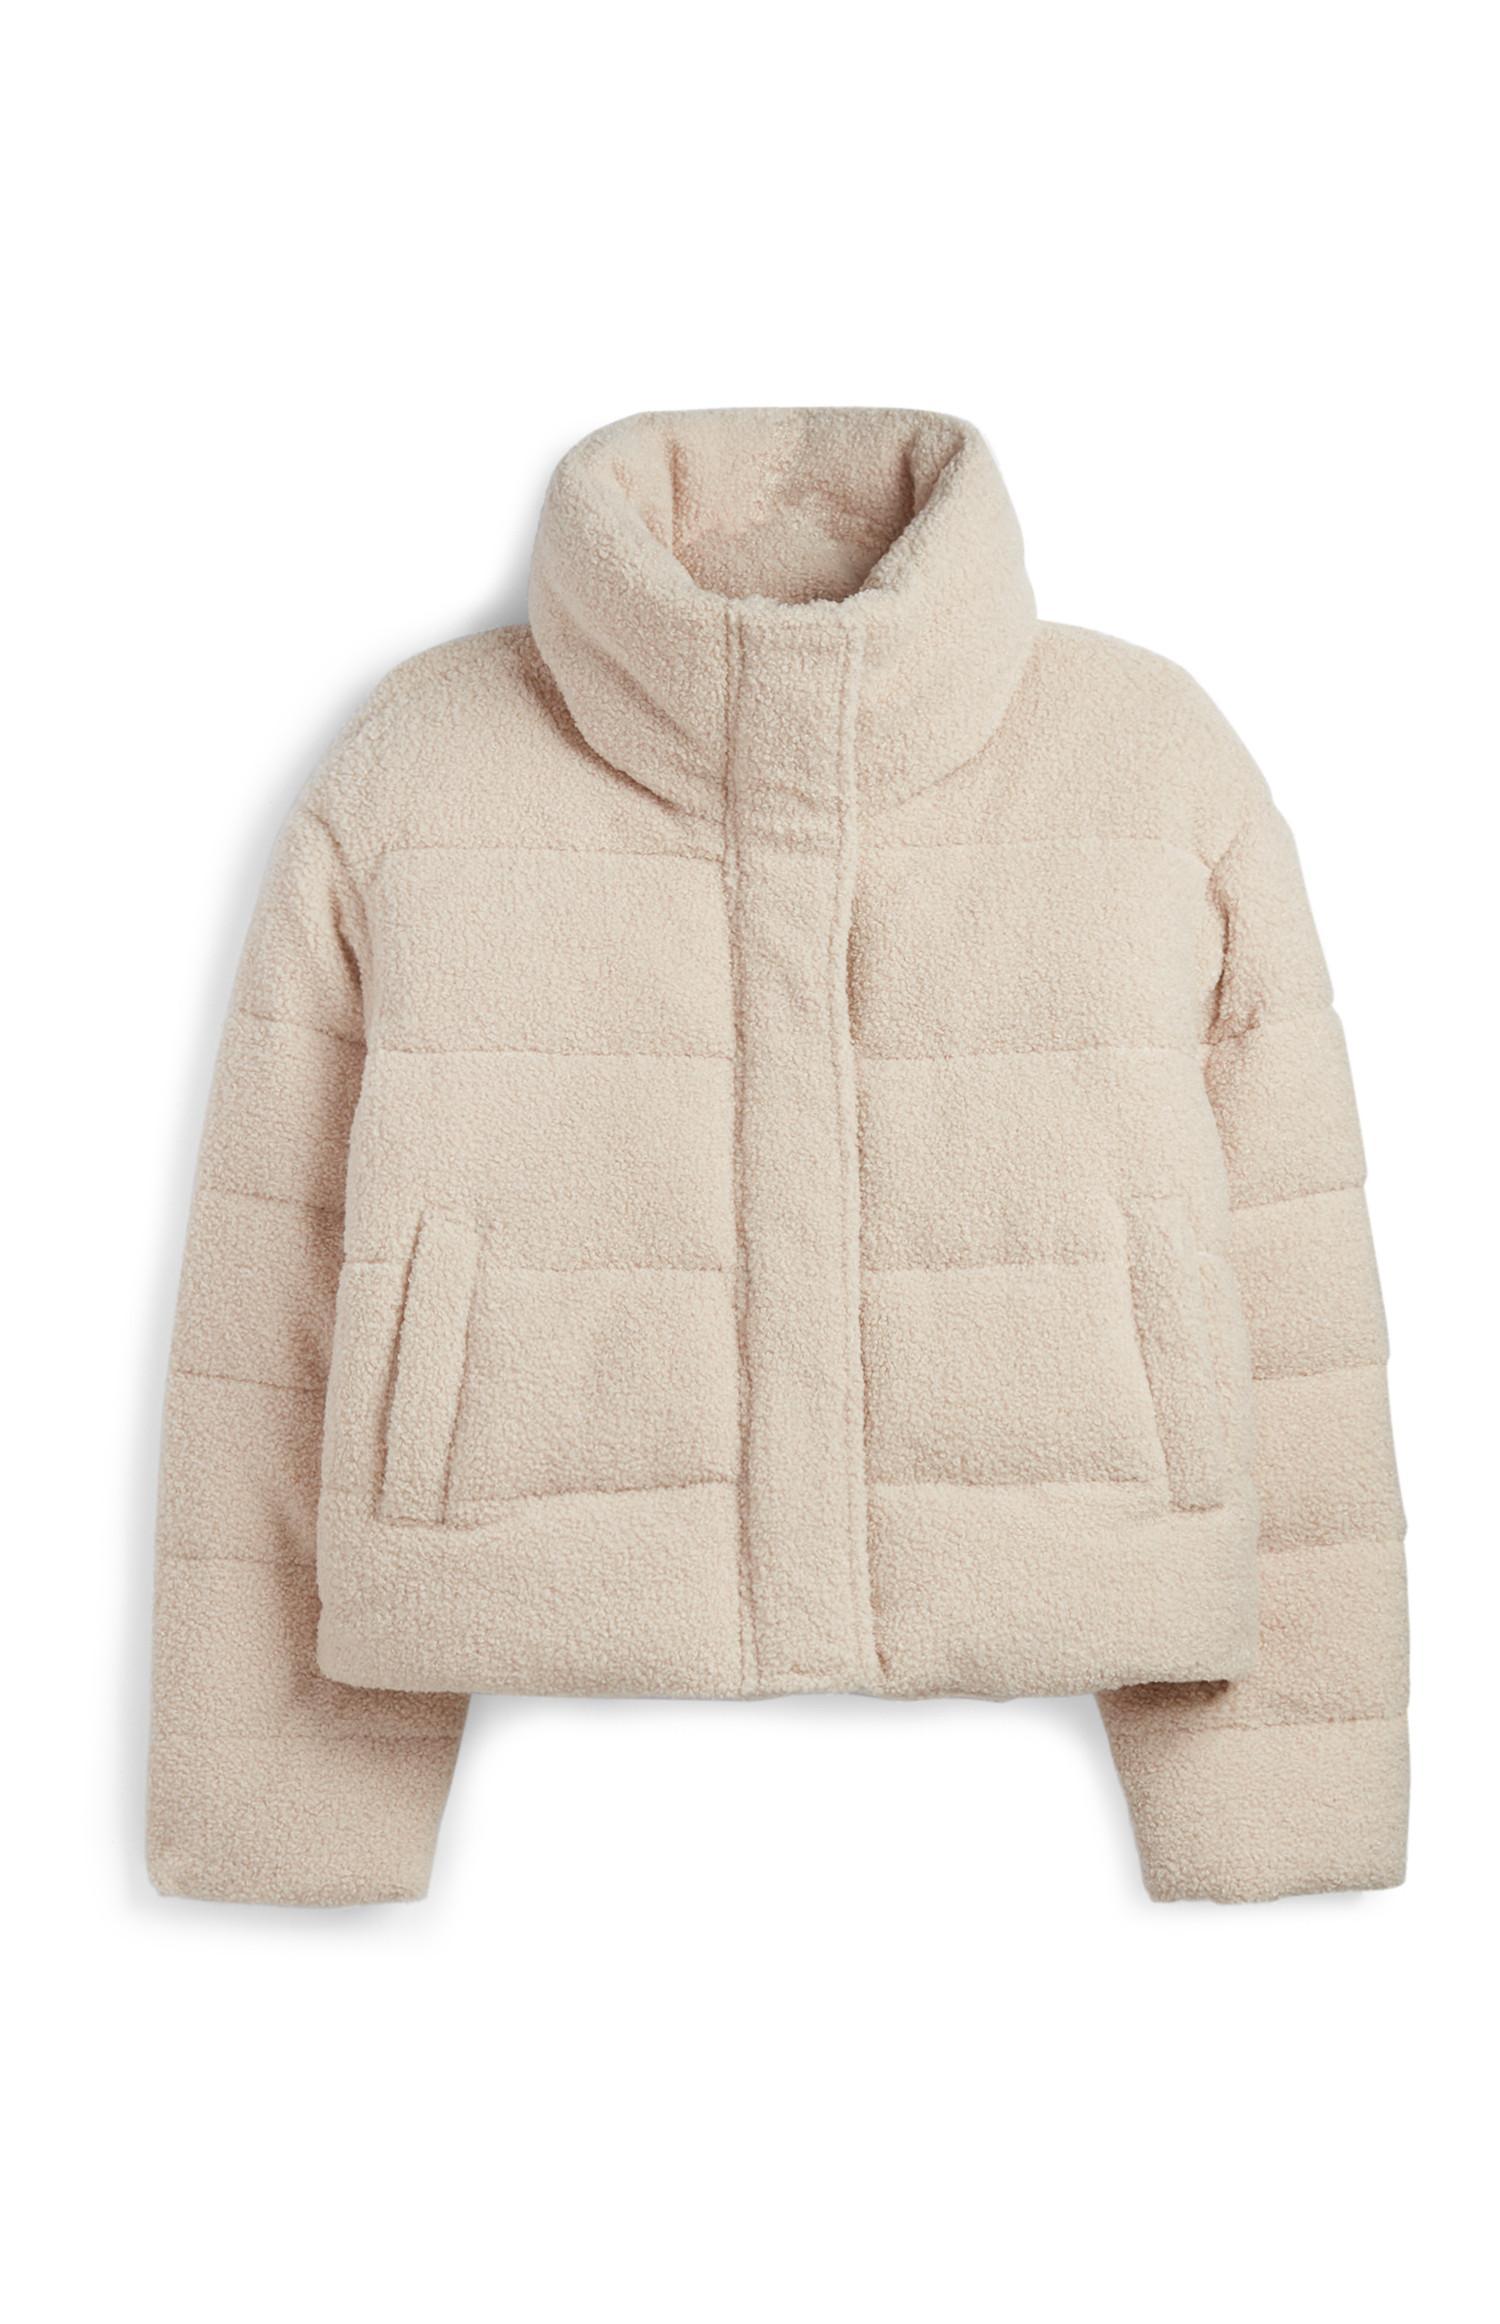 Manteau fourrure marron beige